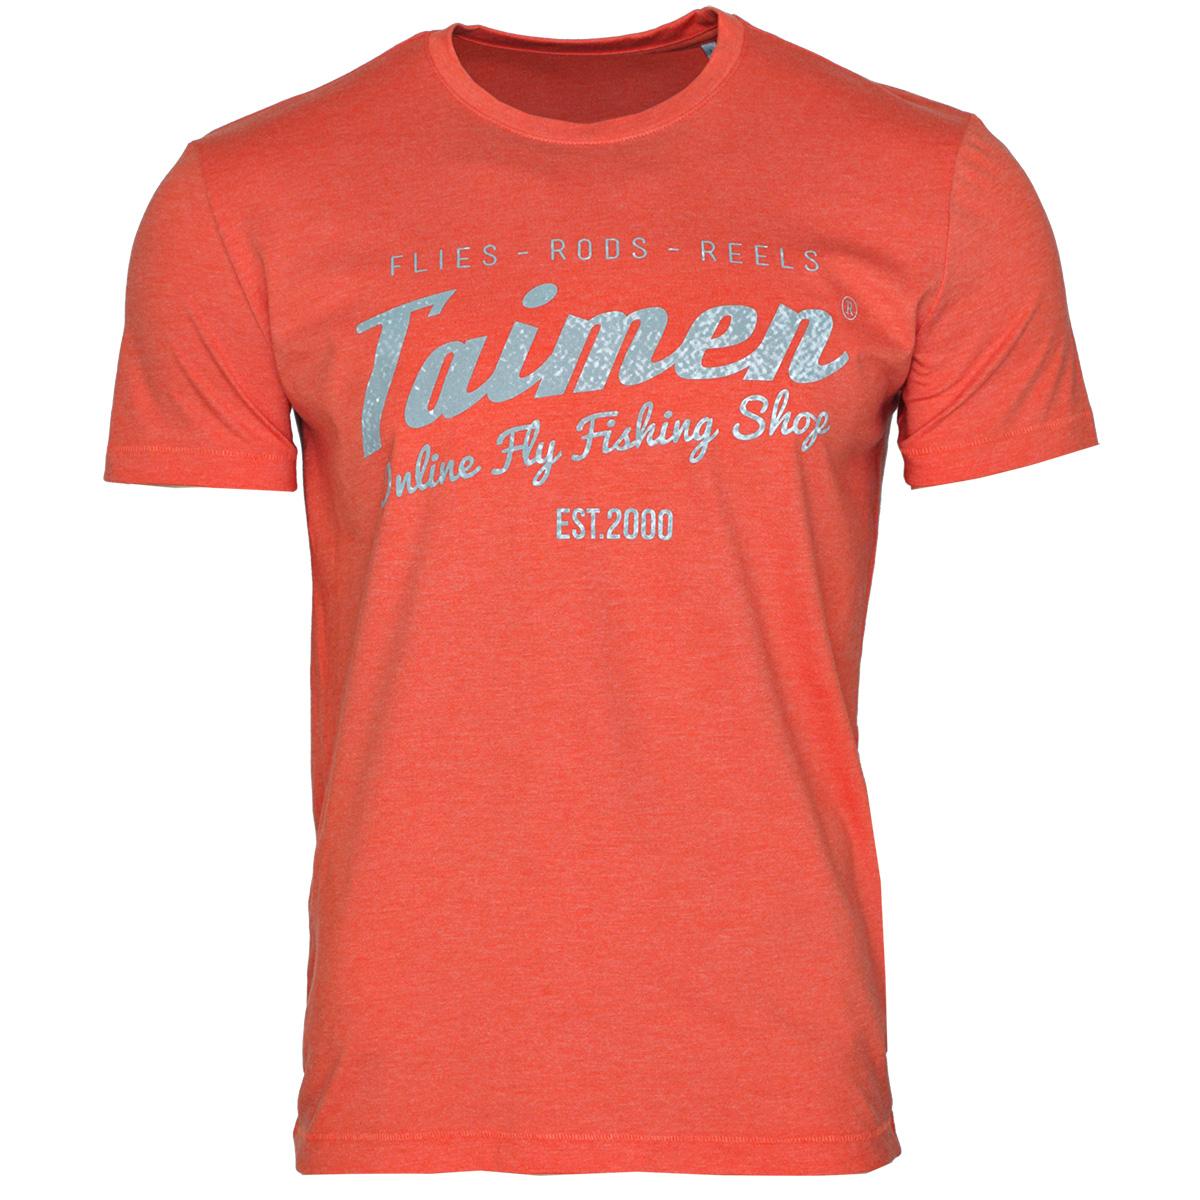 Taimen t shirt fly shop fishing t shirt taimen for The fly fishing shop